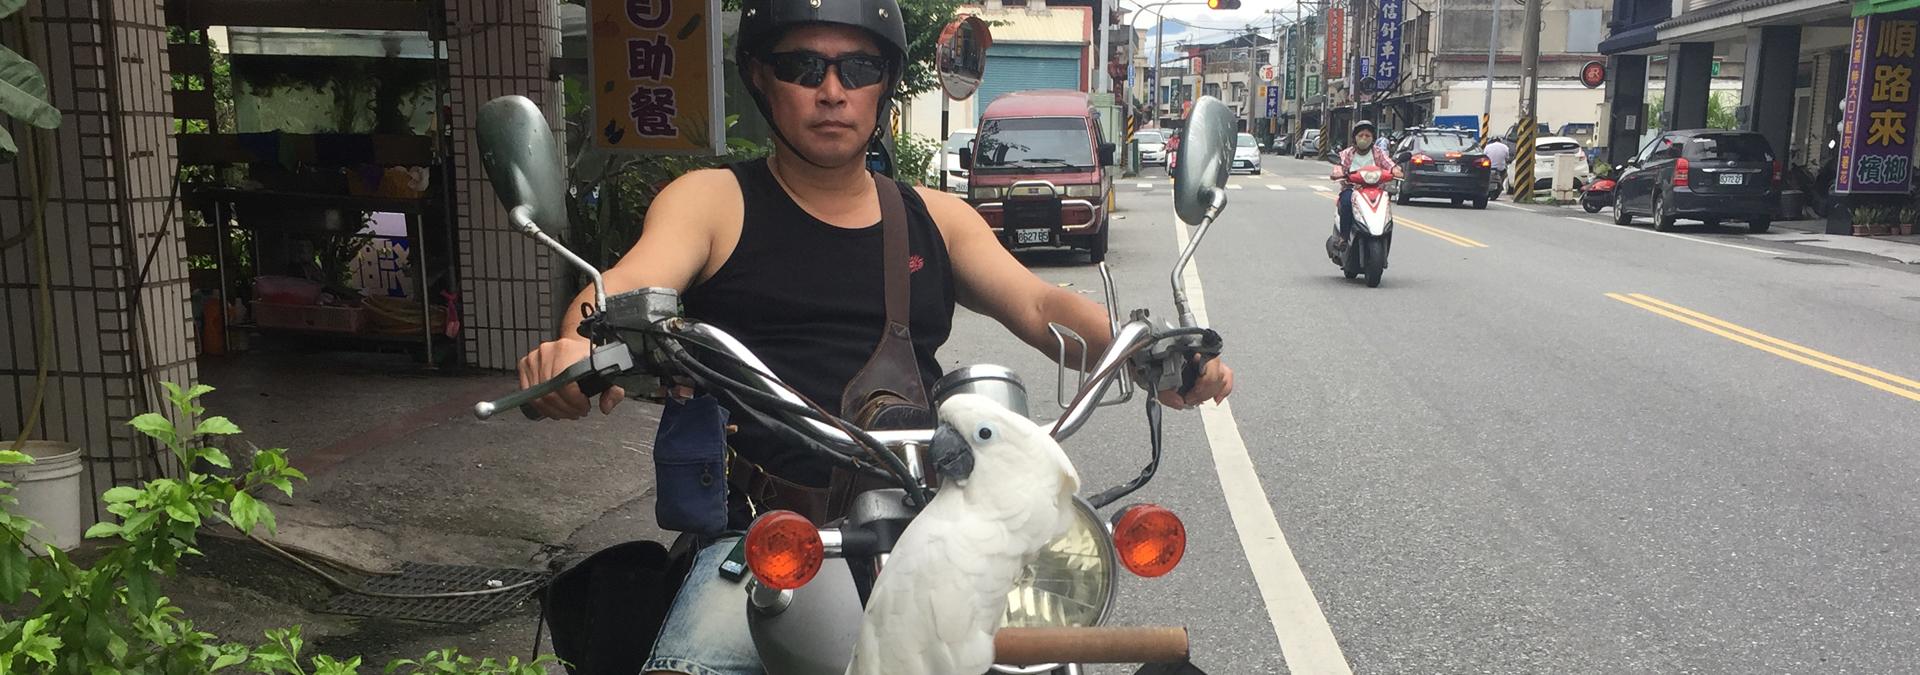 CITY_Taiwan 1920x675.jpg